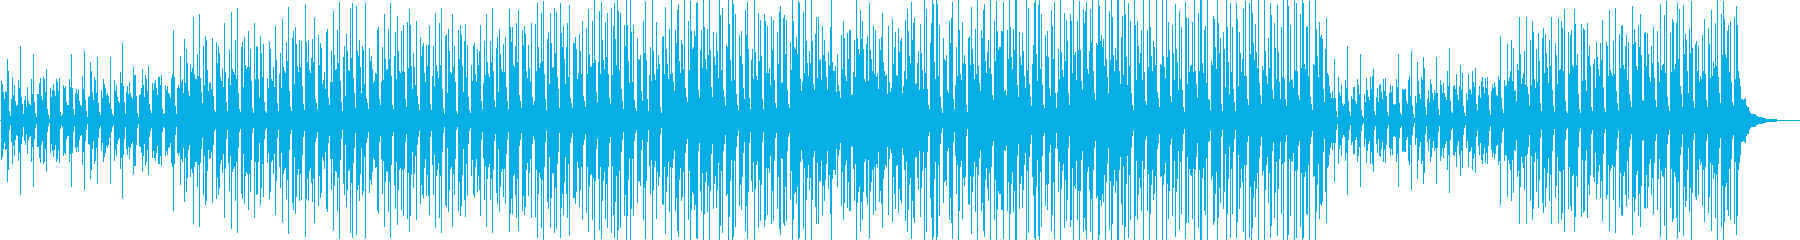 ほのぼの陽気な軽快サウンドの再生済みの波形